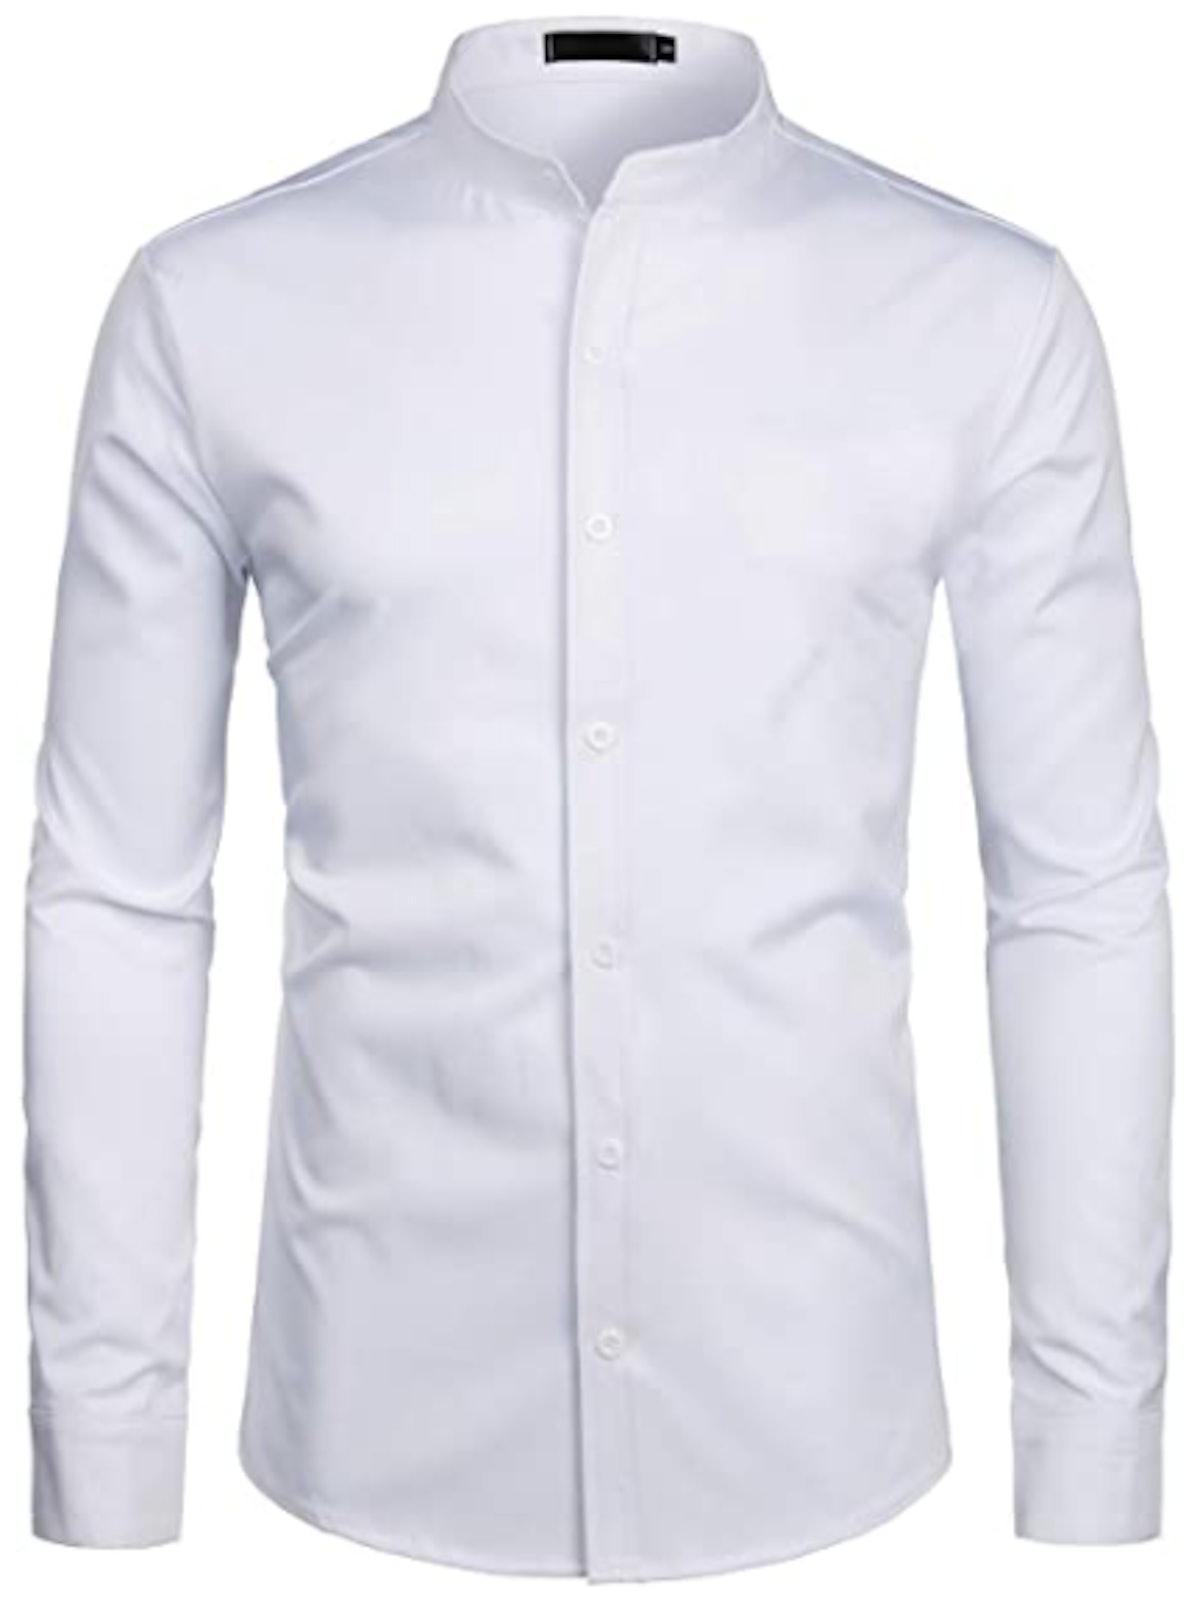 Zeroyaa Mandarin Collar Dress Shirt